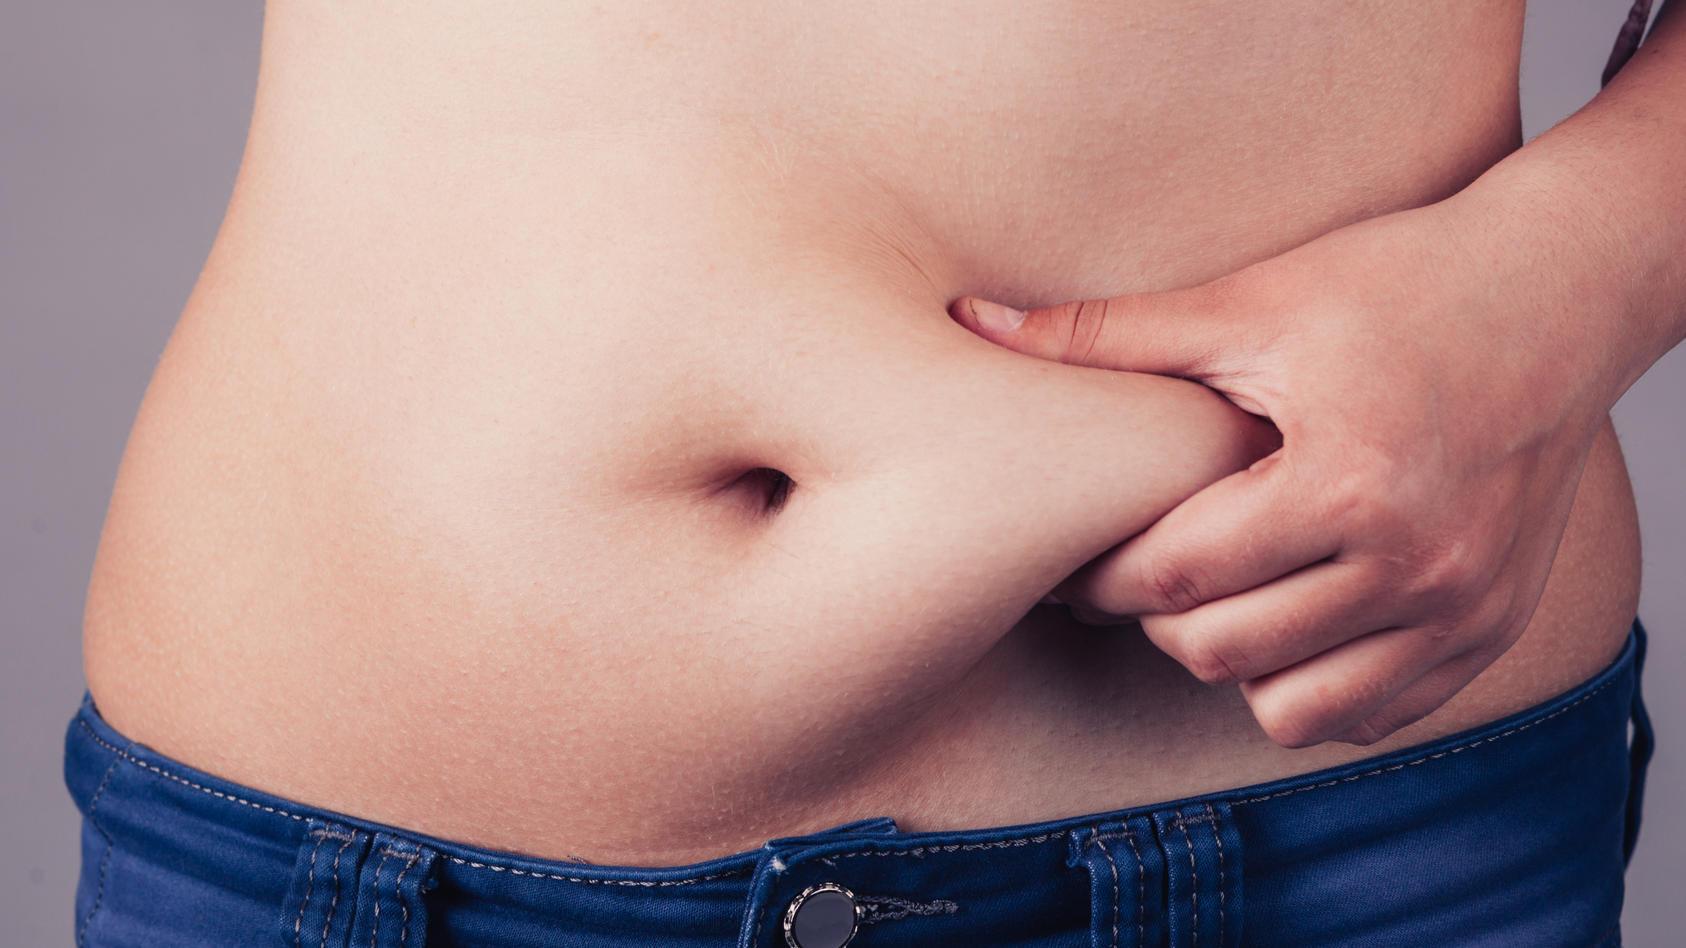 Viele Menschen haben schon unzählige Diäten ausprobiert. Nur wenige nehmen dadurch langfristig ab.